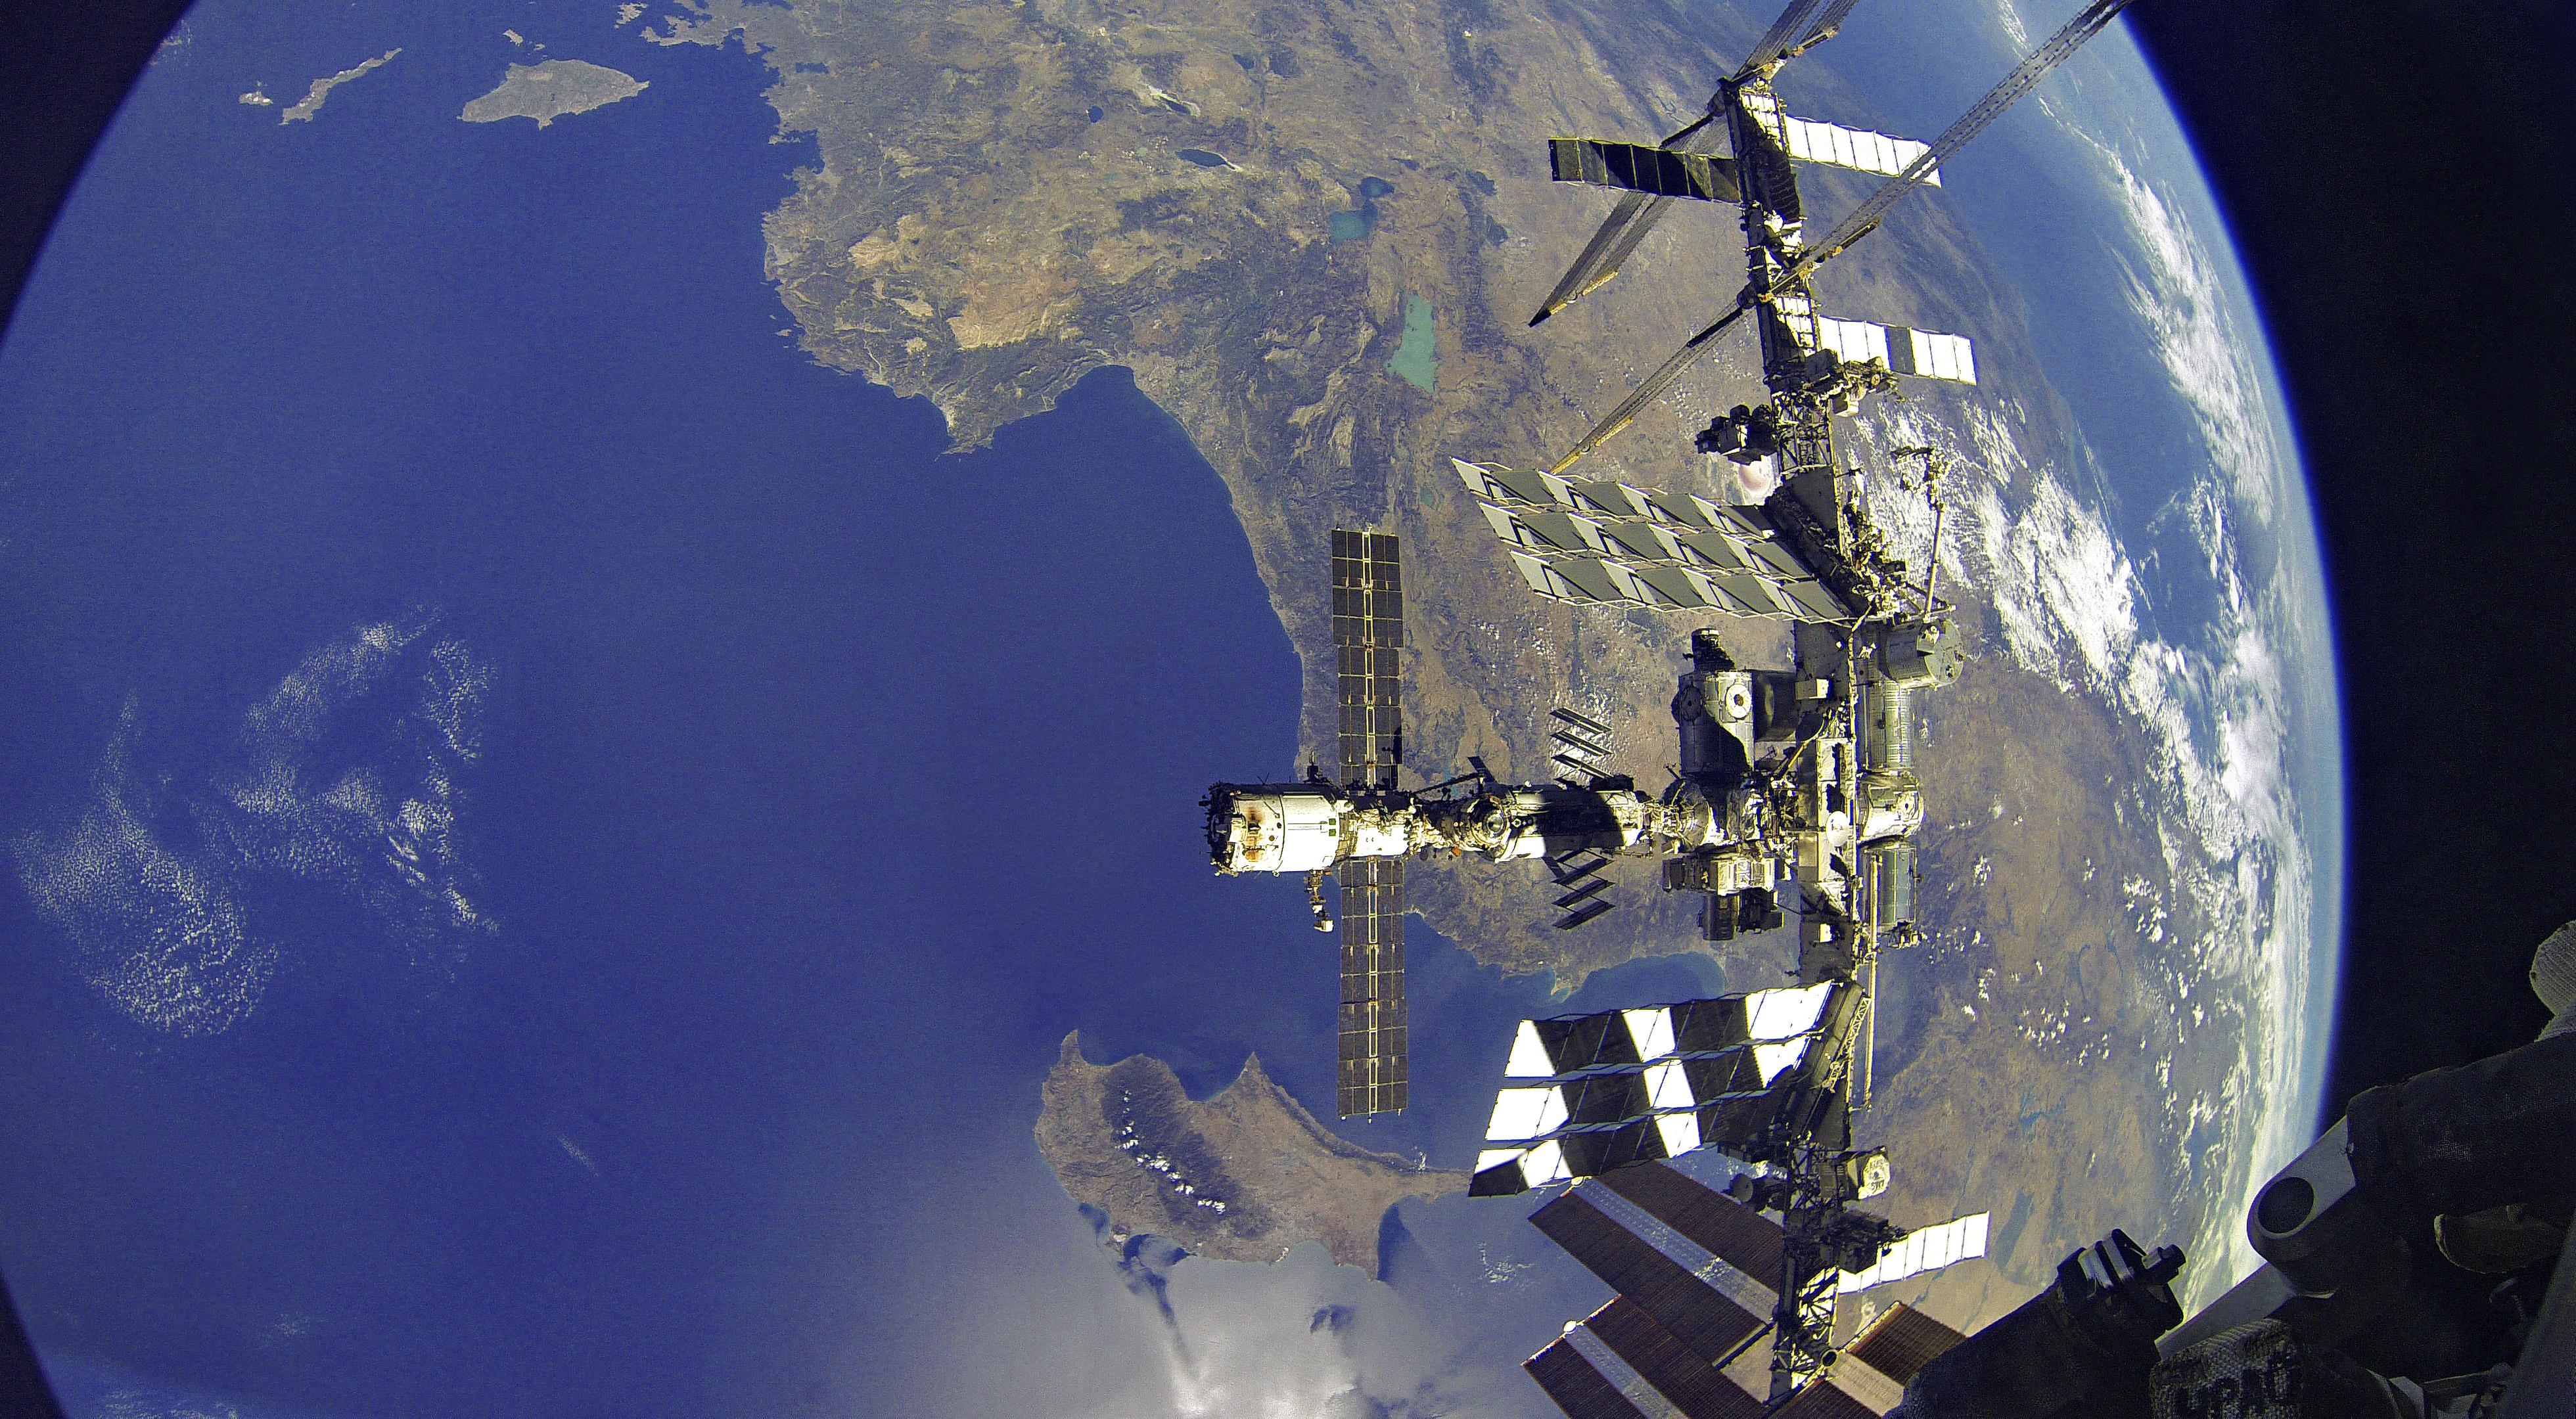 Космонавты прекратили изоляцию на МКС после утечки воздуха